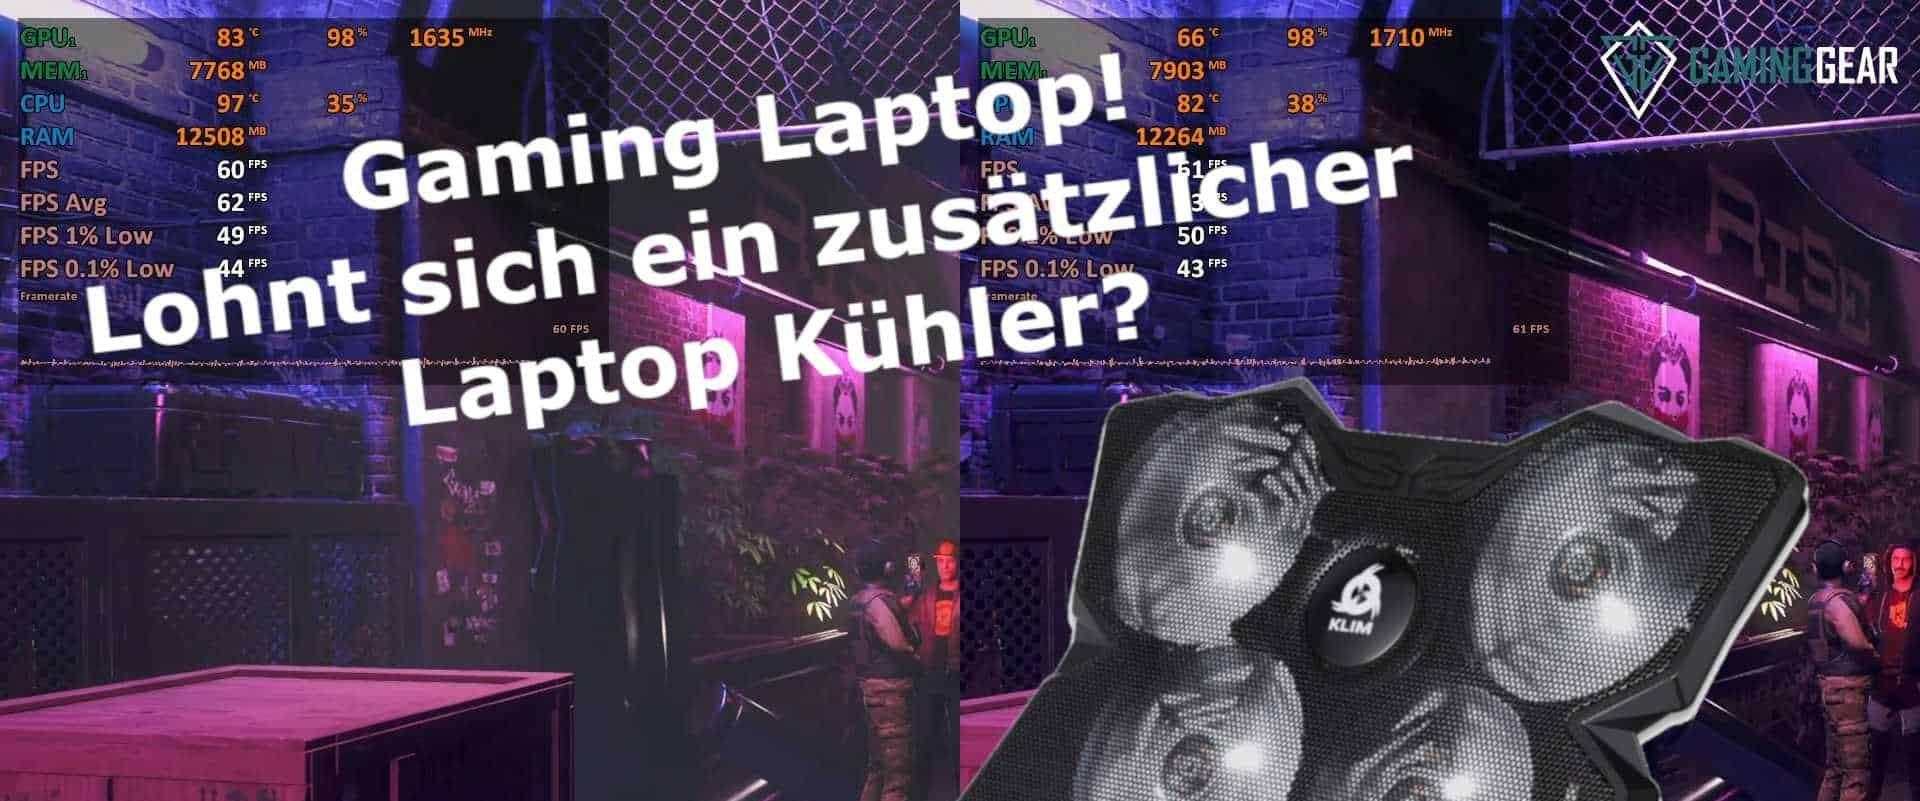 Notebook Kühler